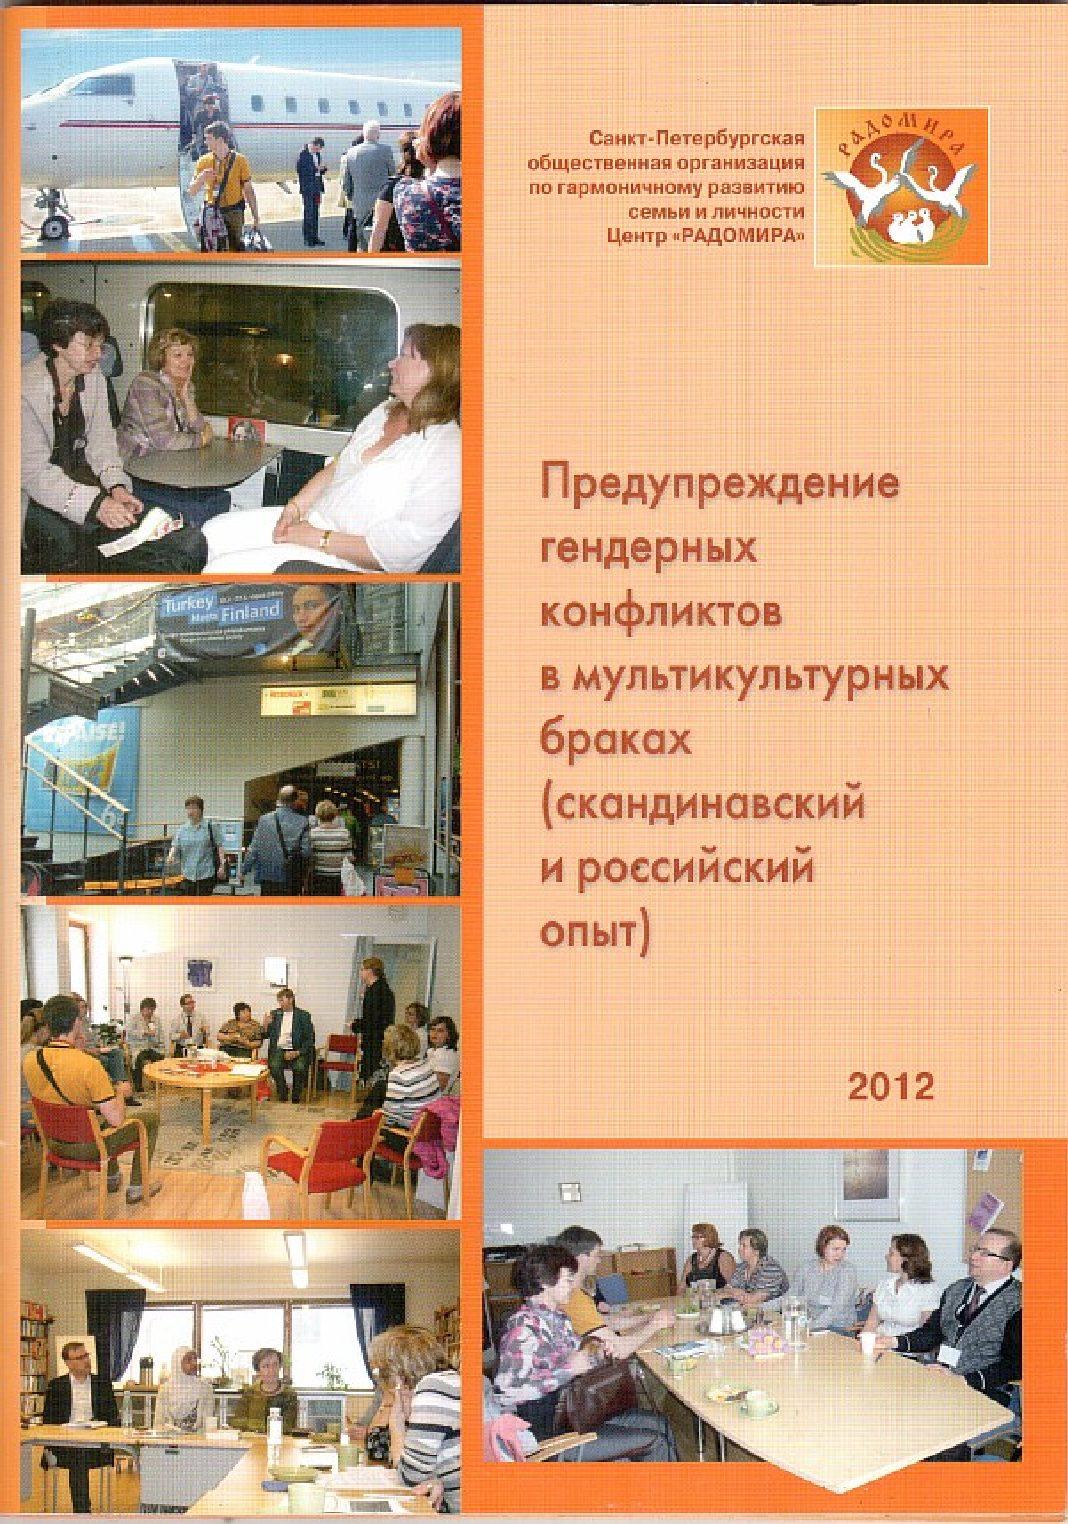 Предупреждение гендерных конфликтов в мультикультурных браках (скандинавский и российский опыт)